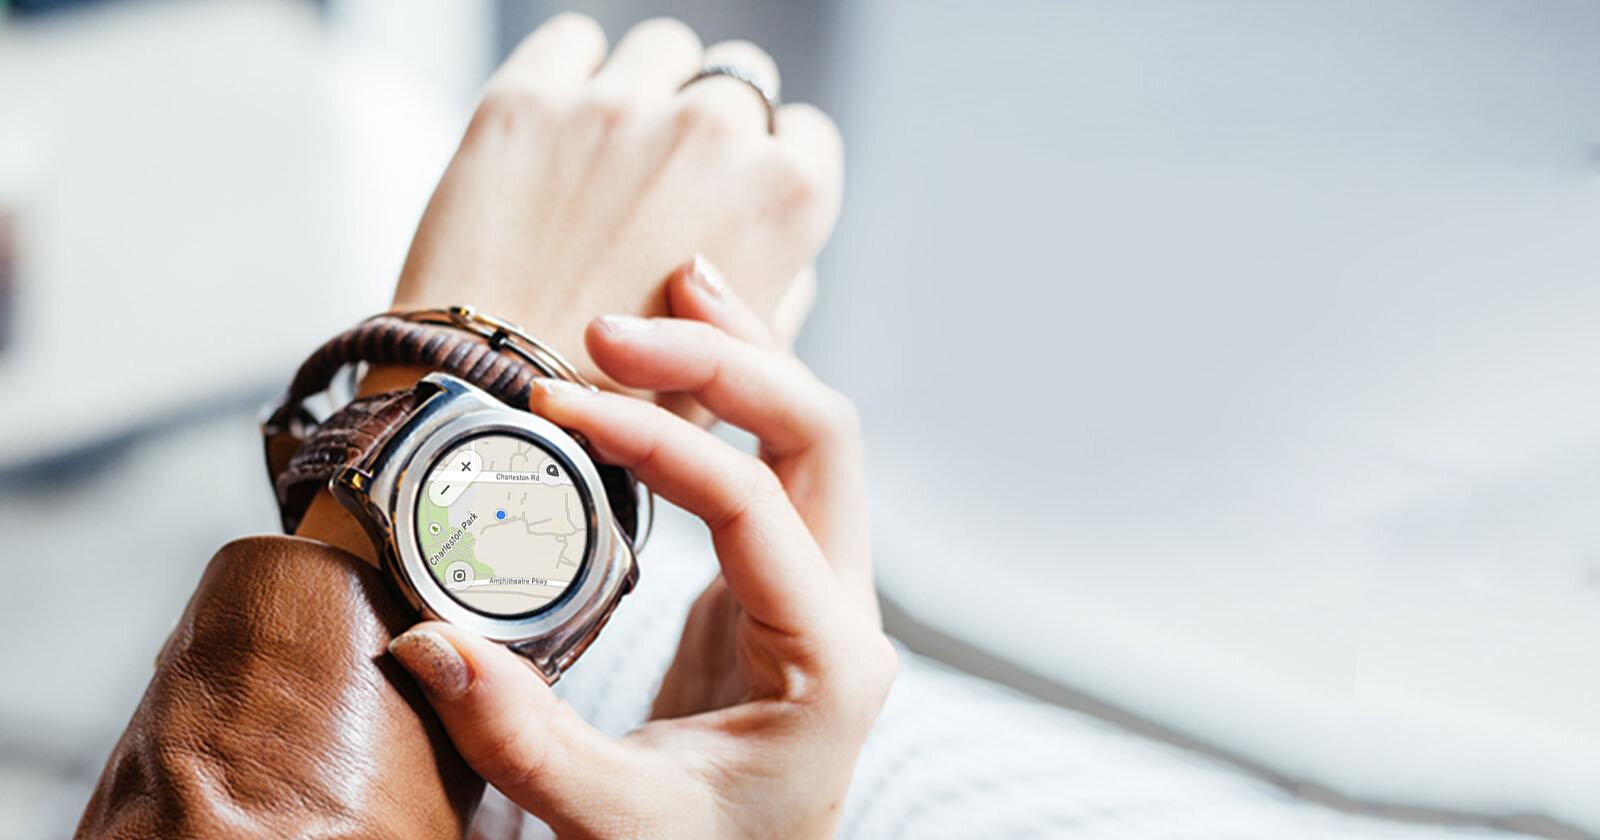 LG Watch Style có thiết kế mỏng manh phù hợp cho phái đẹp